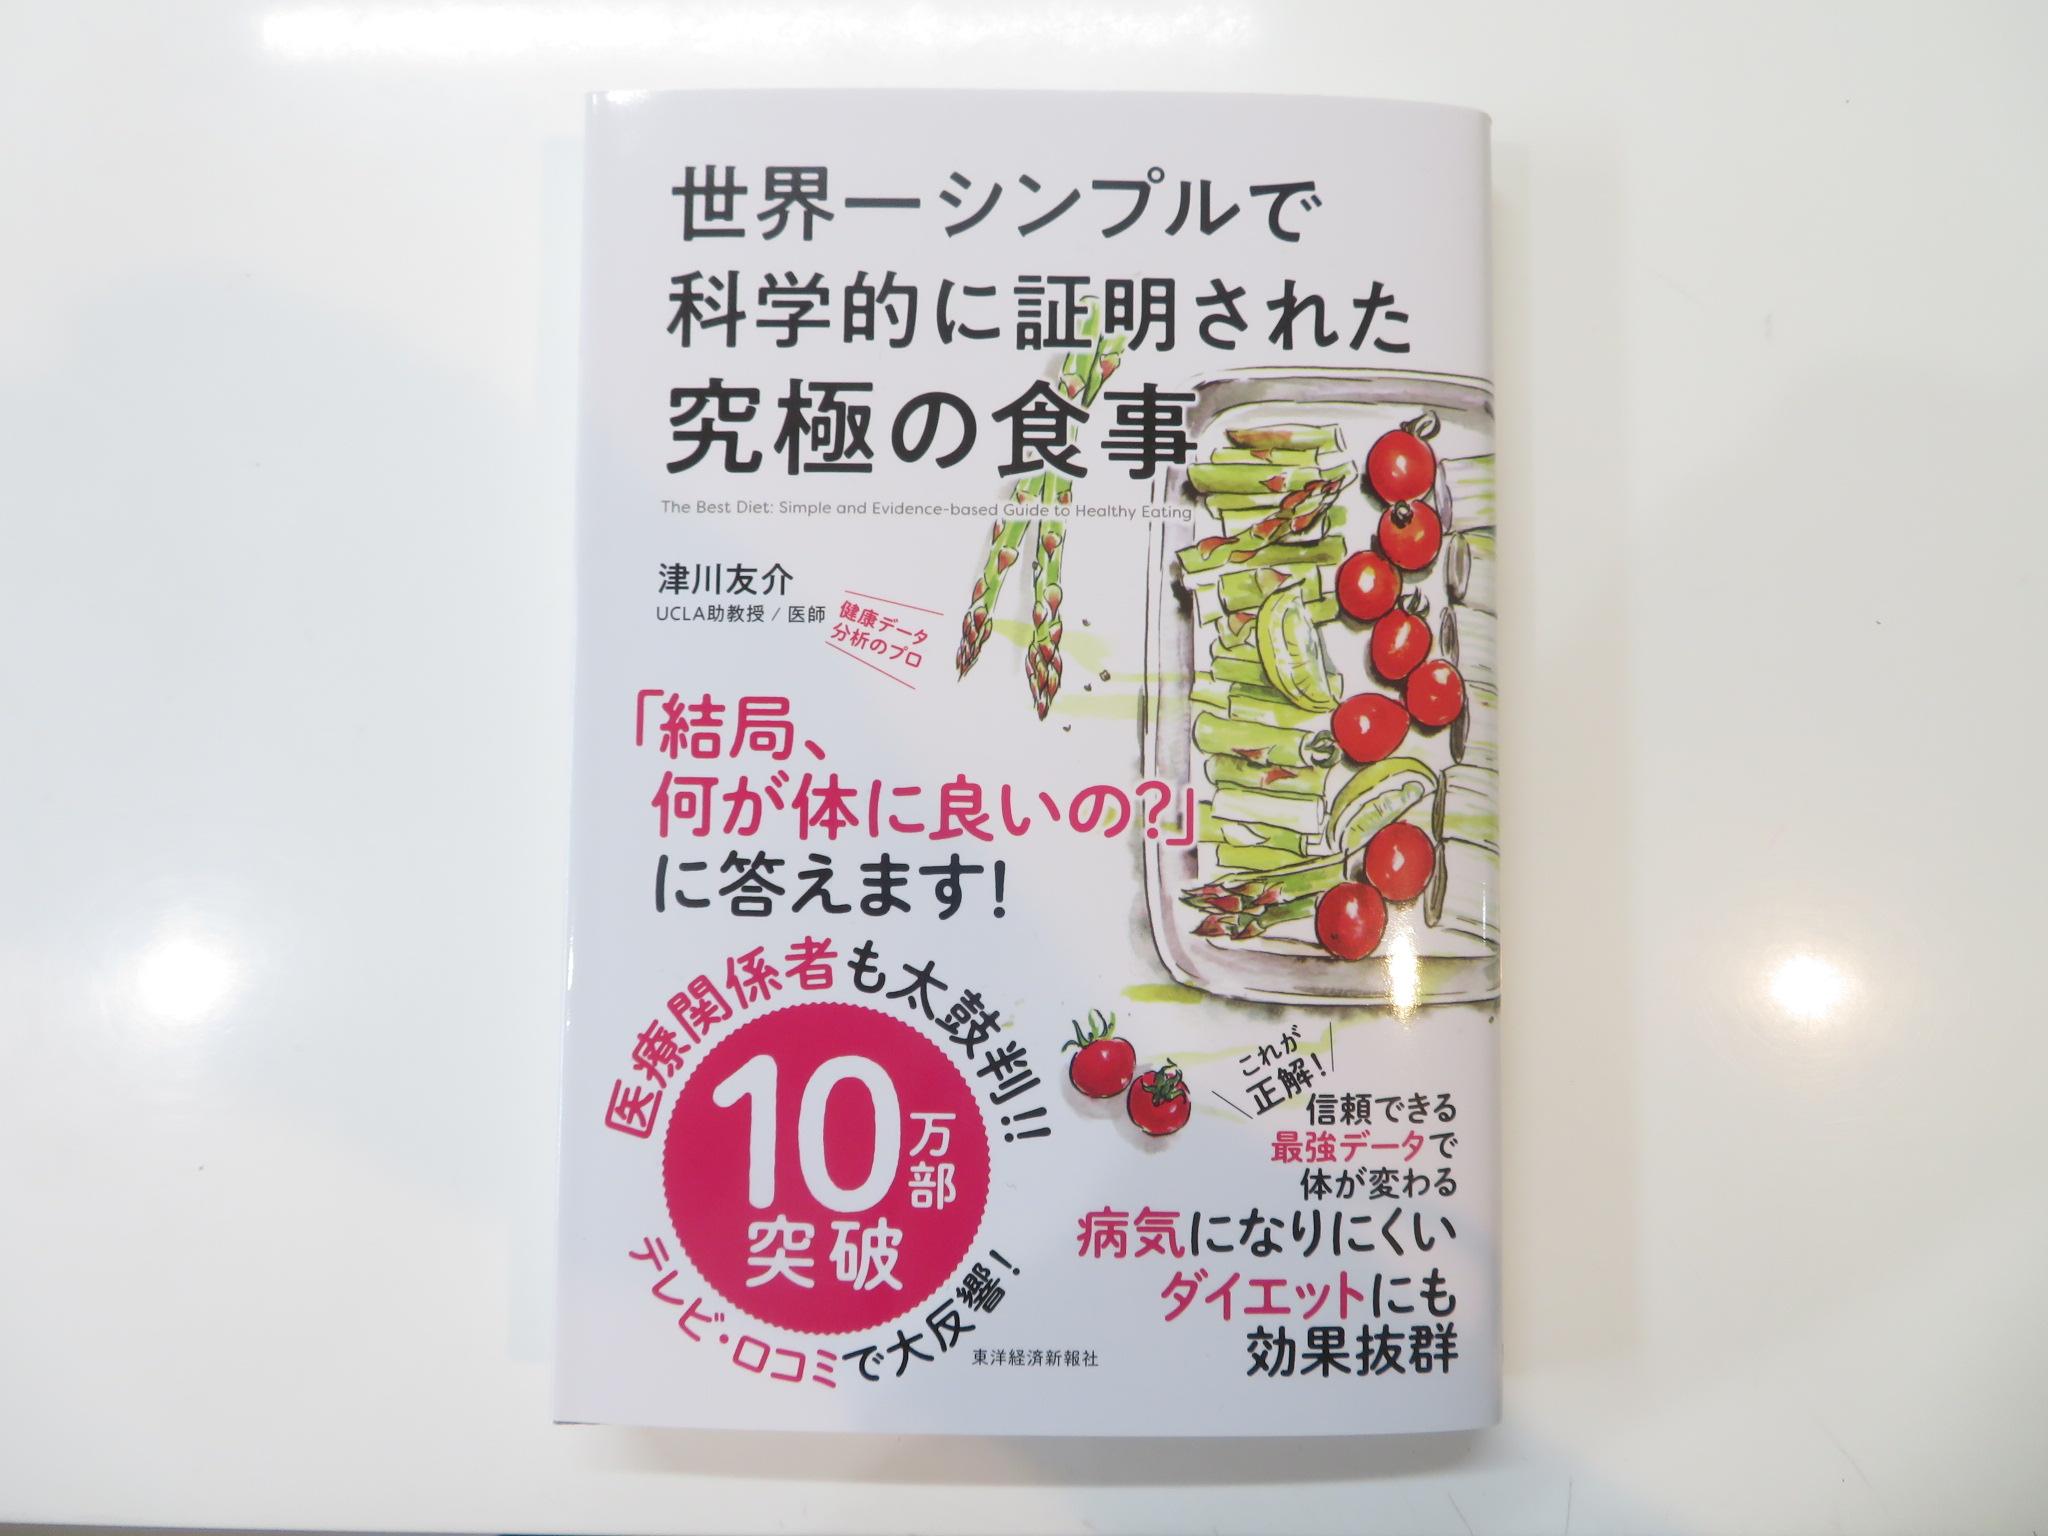 https://www.elashy-mise.jp/IMG_6561.JPG